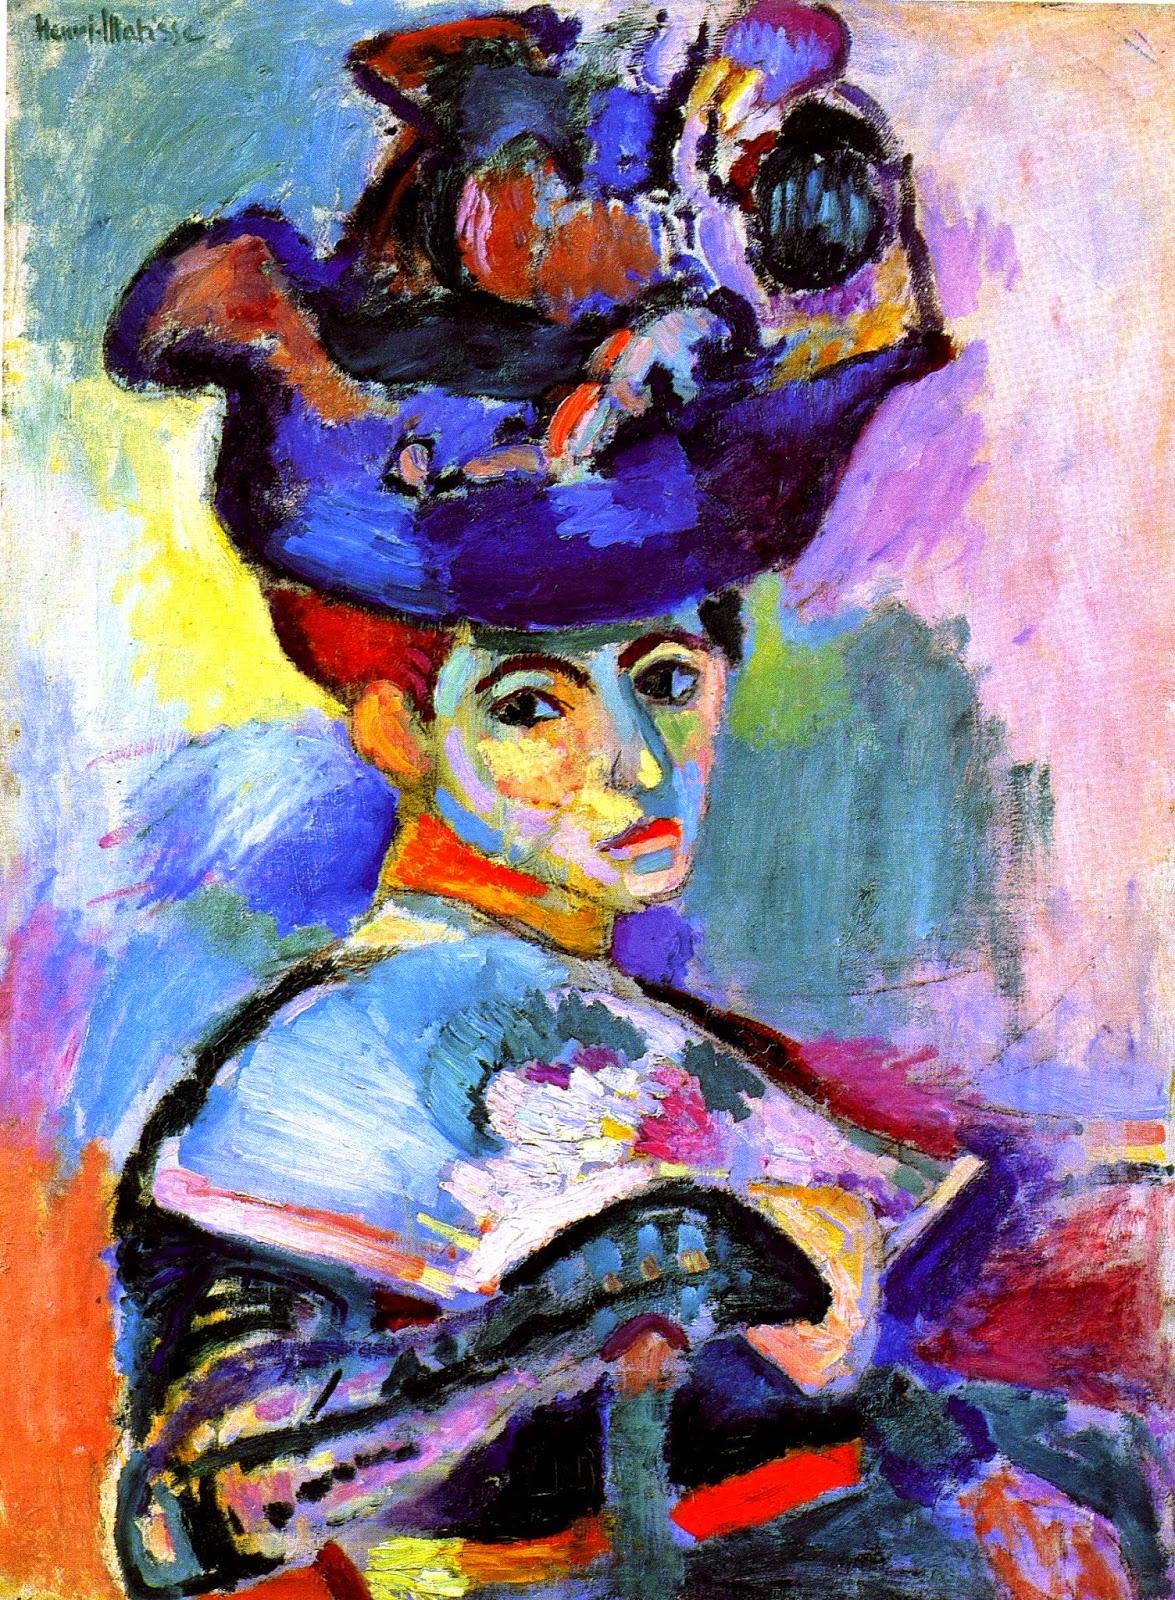 Matisse, Vrouw met hoed, 1905